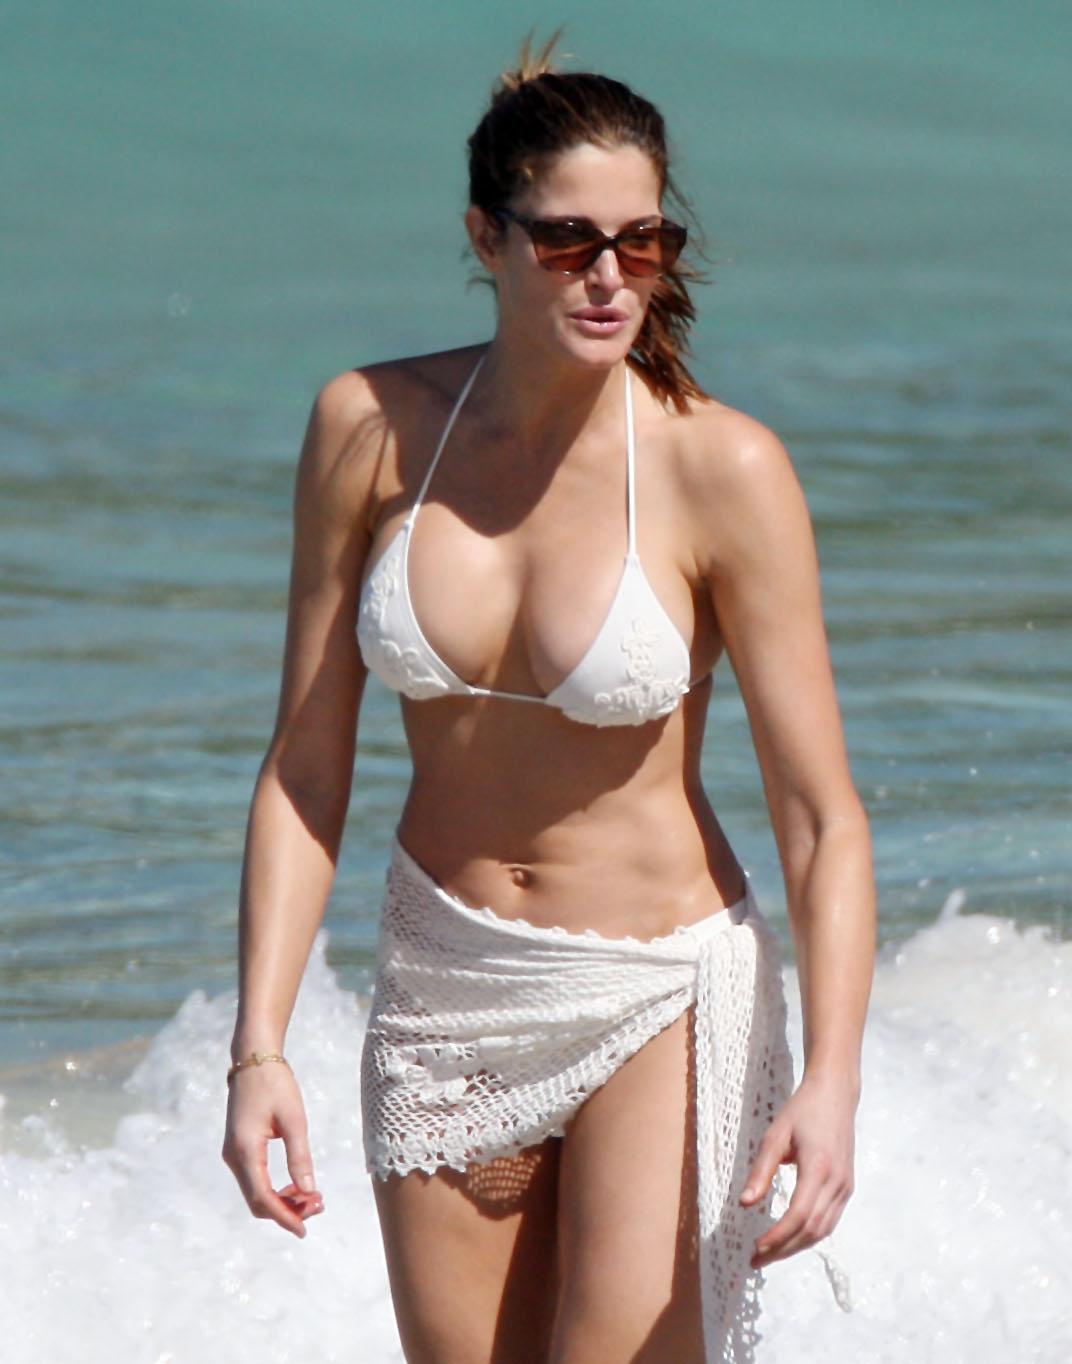 http://2.bp.blogspot.com/_HEjoNp_qRz8/TQ72psq5XRI/AAAAAAAAFRc/_LnegJSsq6c/s1600/Stephanie+Seymour+Most+Sexiest+Bikini+Photos+%25287%2529.jpg